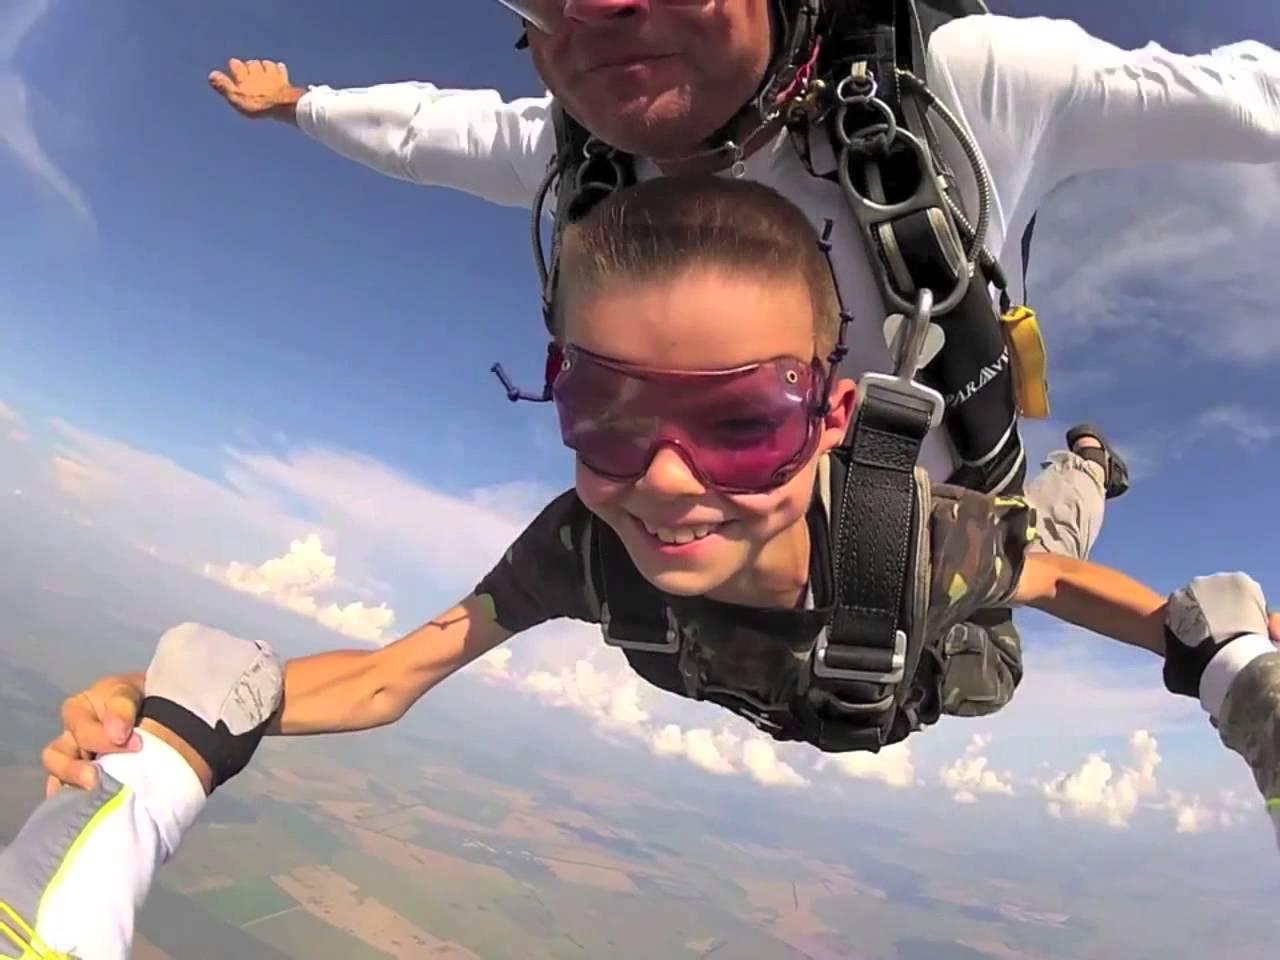 лицо во время прыжка с парашютом